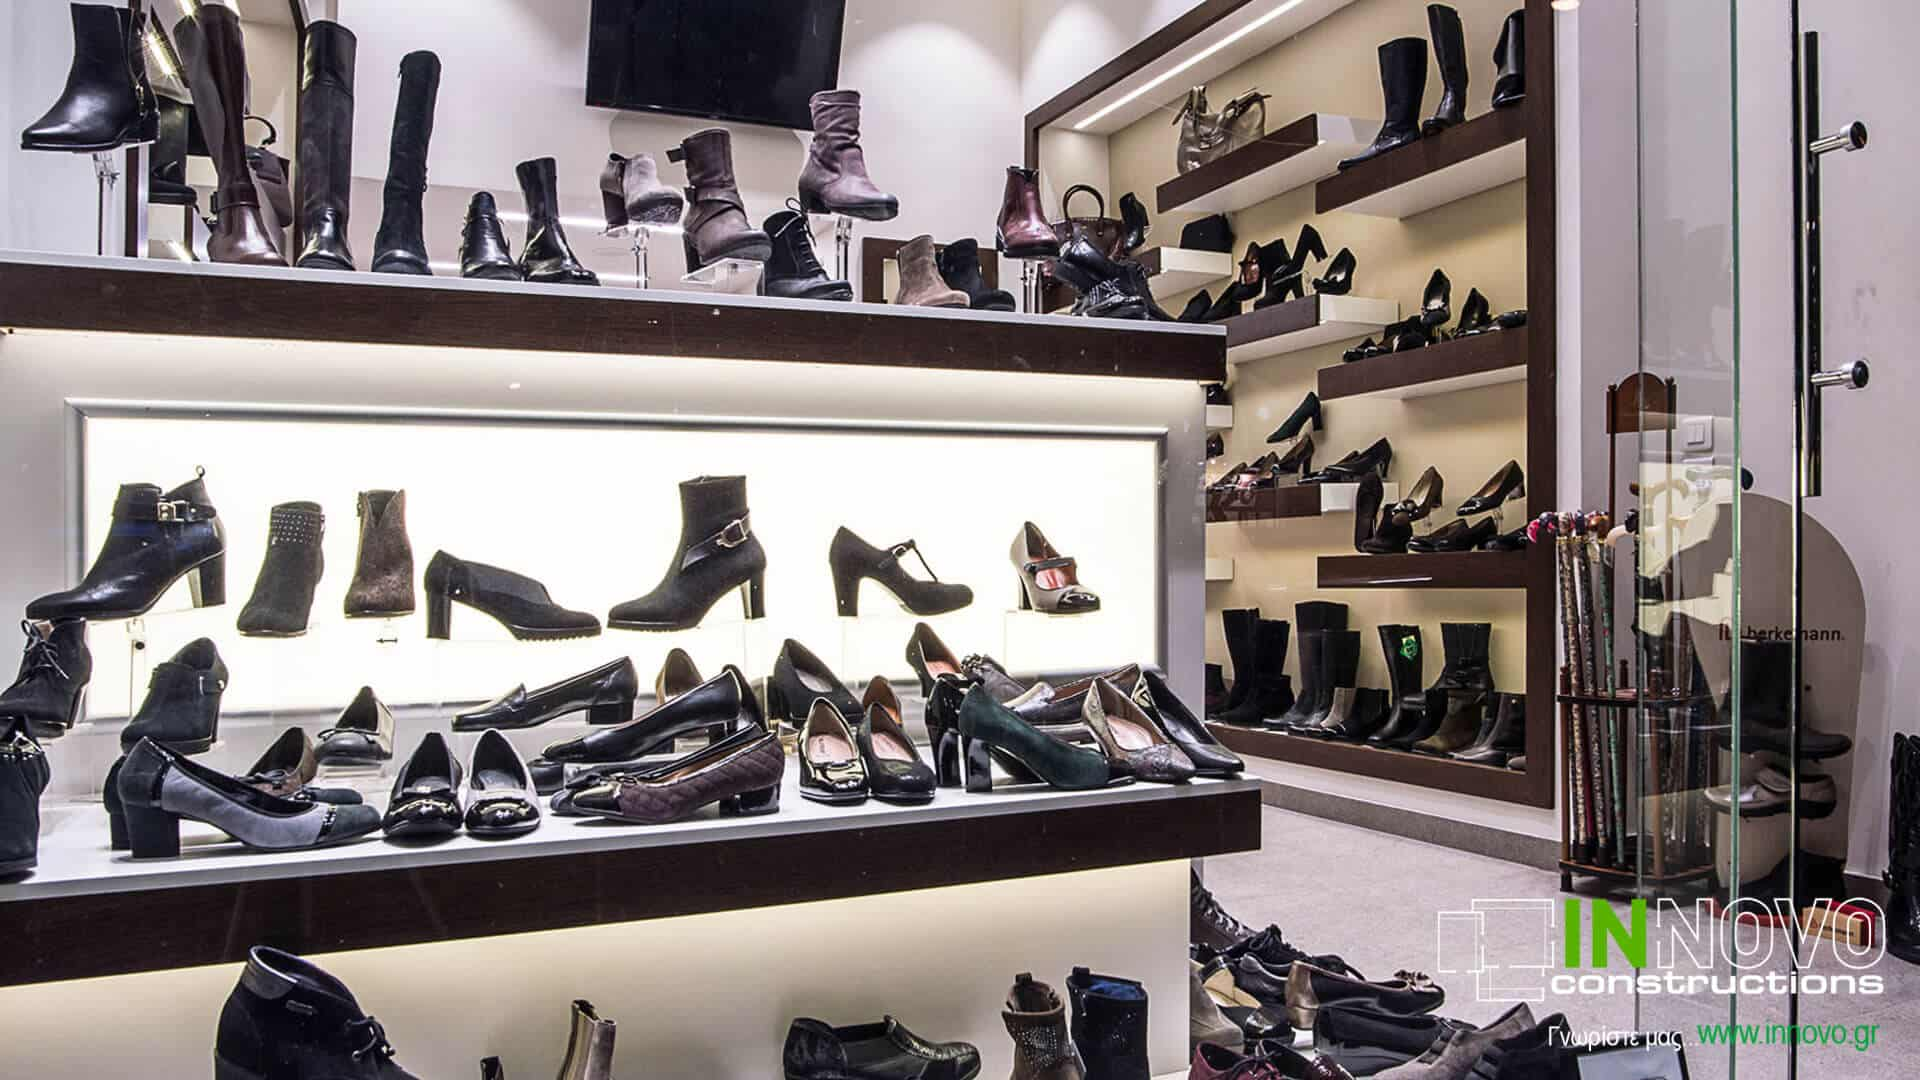 anakainisi-katastimatos-papoutsion-shoe-store-renovation-papoutsia-ampelokhpoi-1805-3